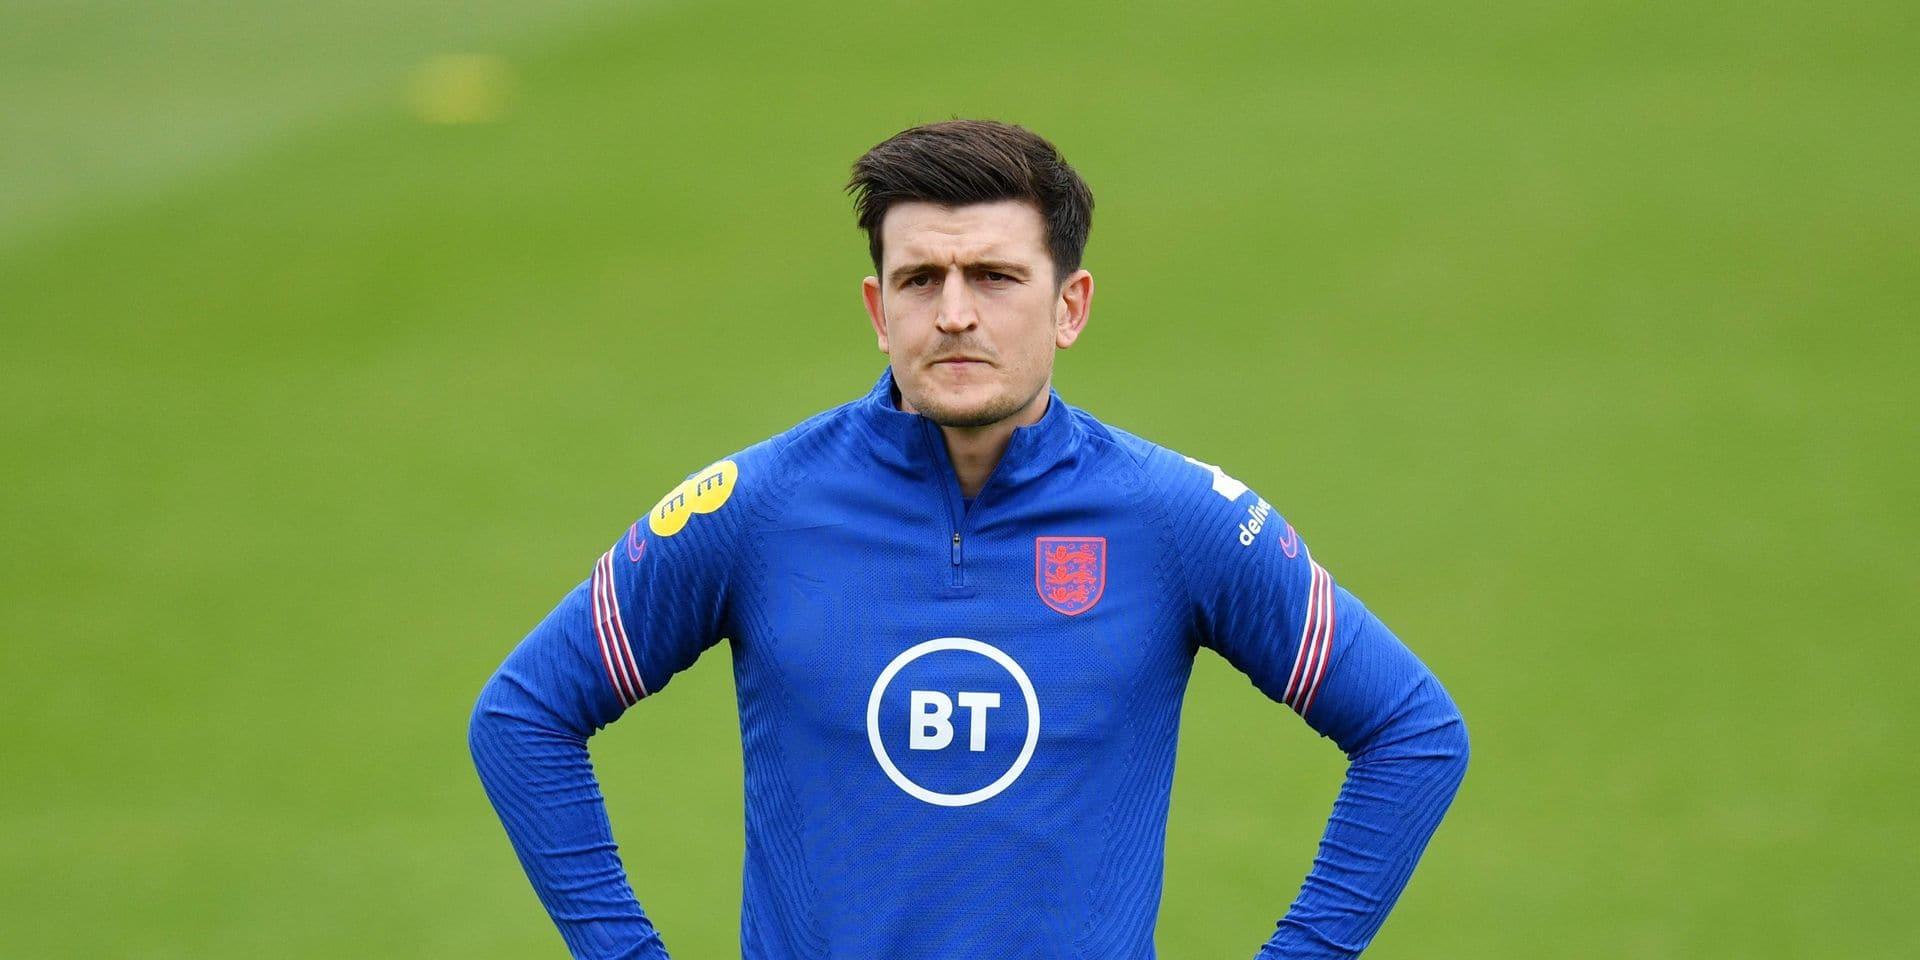 Harry Maguire s'entraîne avec la sélection anglaise